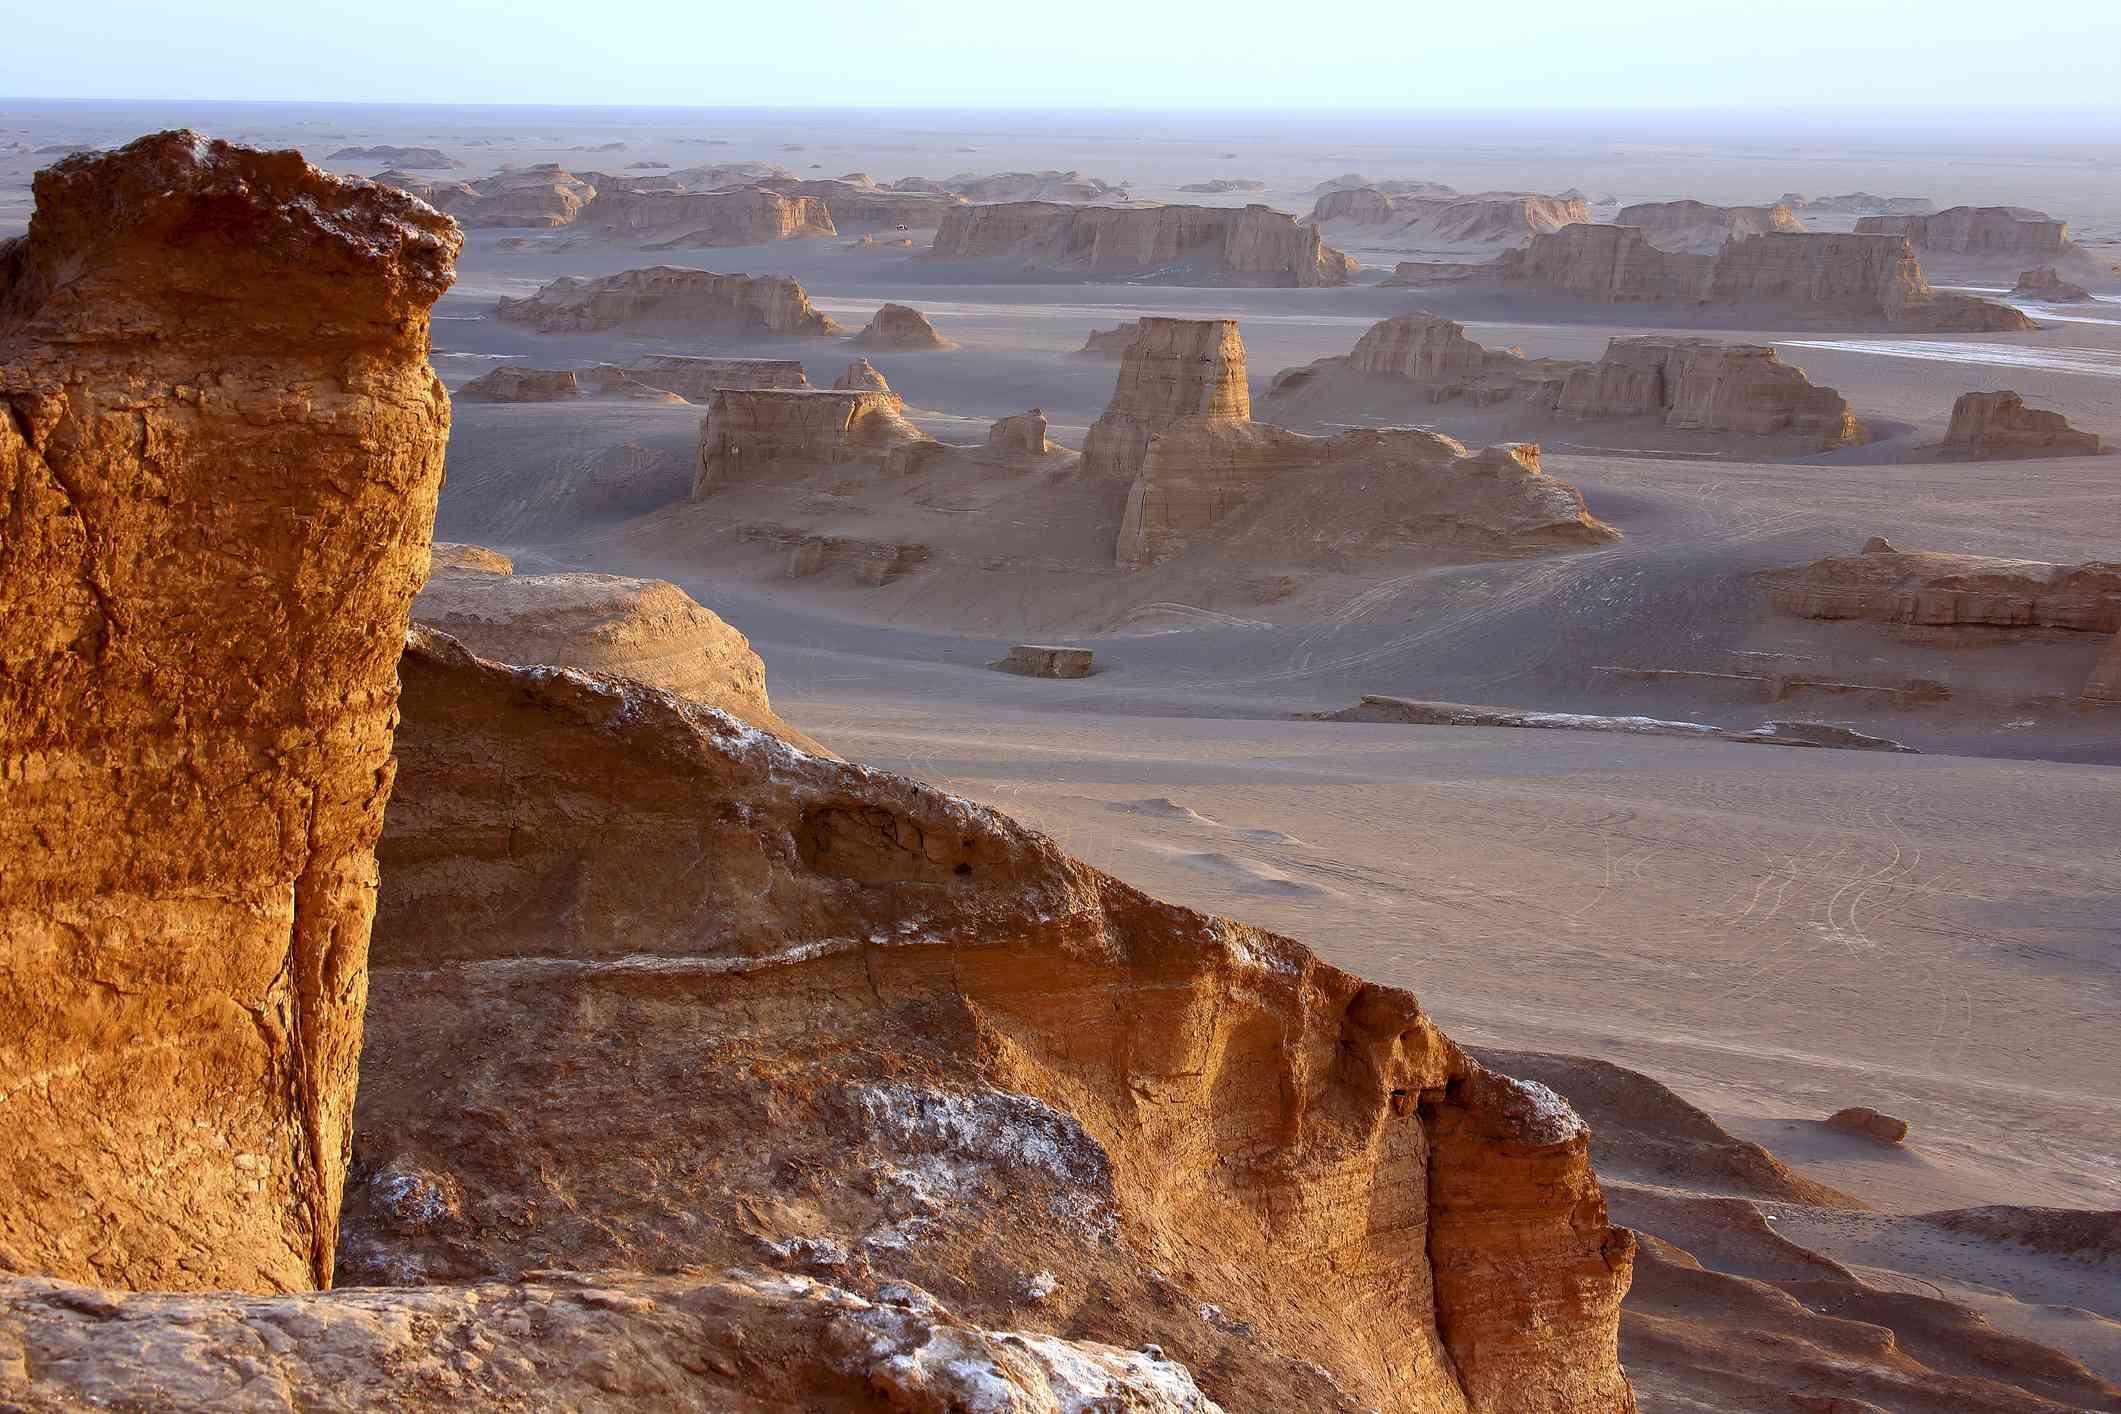 The Lut Desert